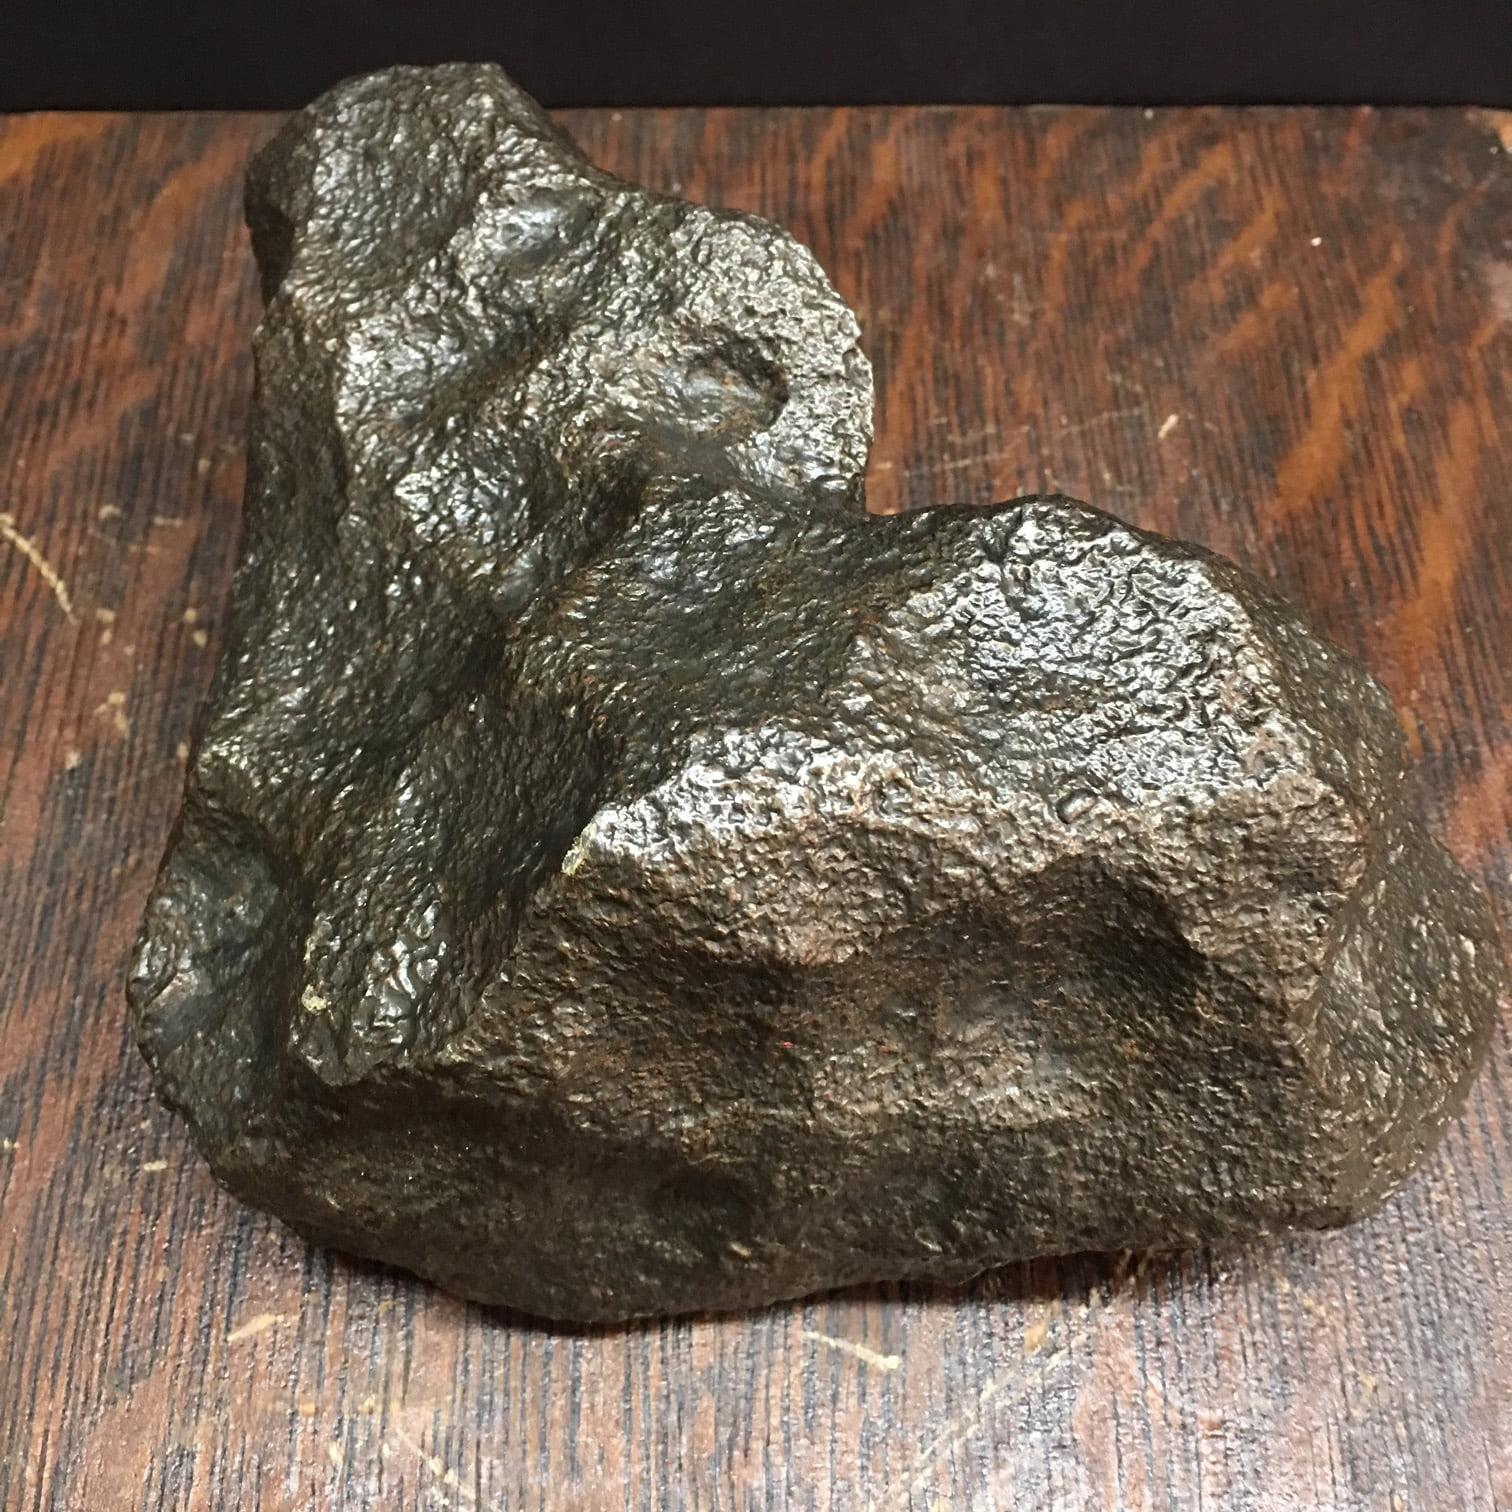 Huge Campo Del Cielo Iron Meteorite 7.9 kg or 17.5 lbs